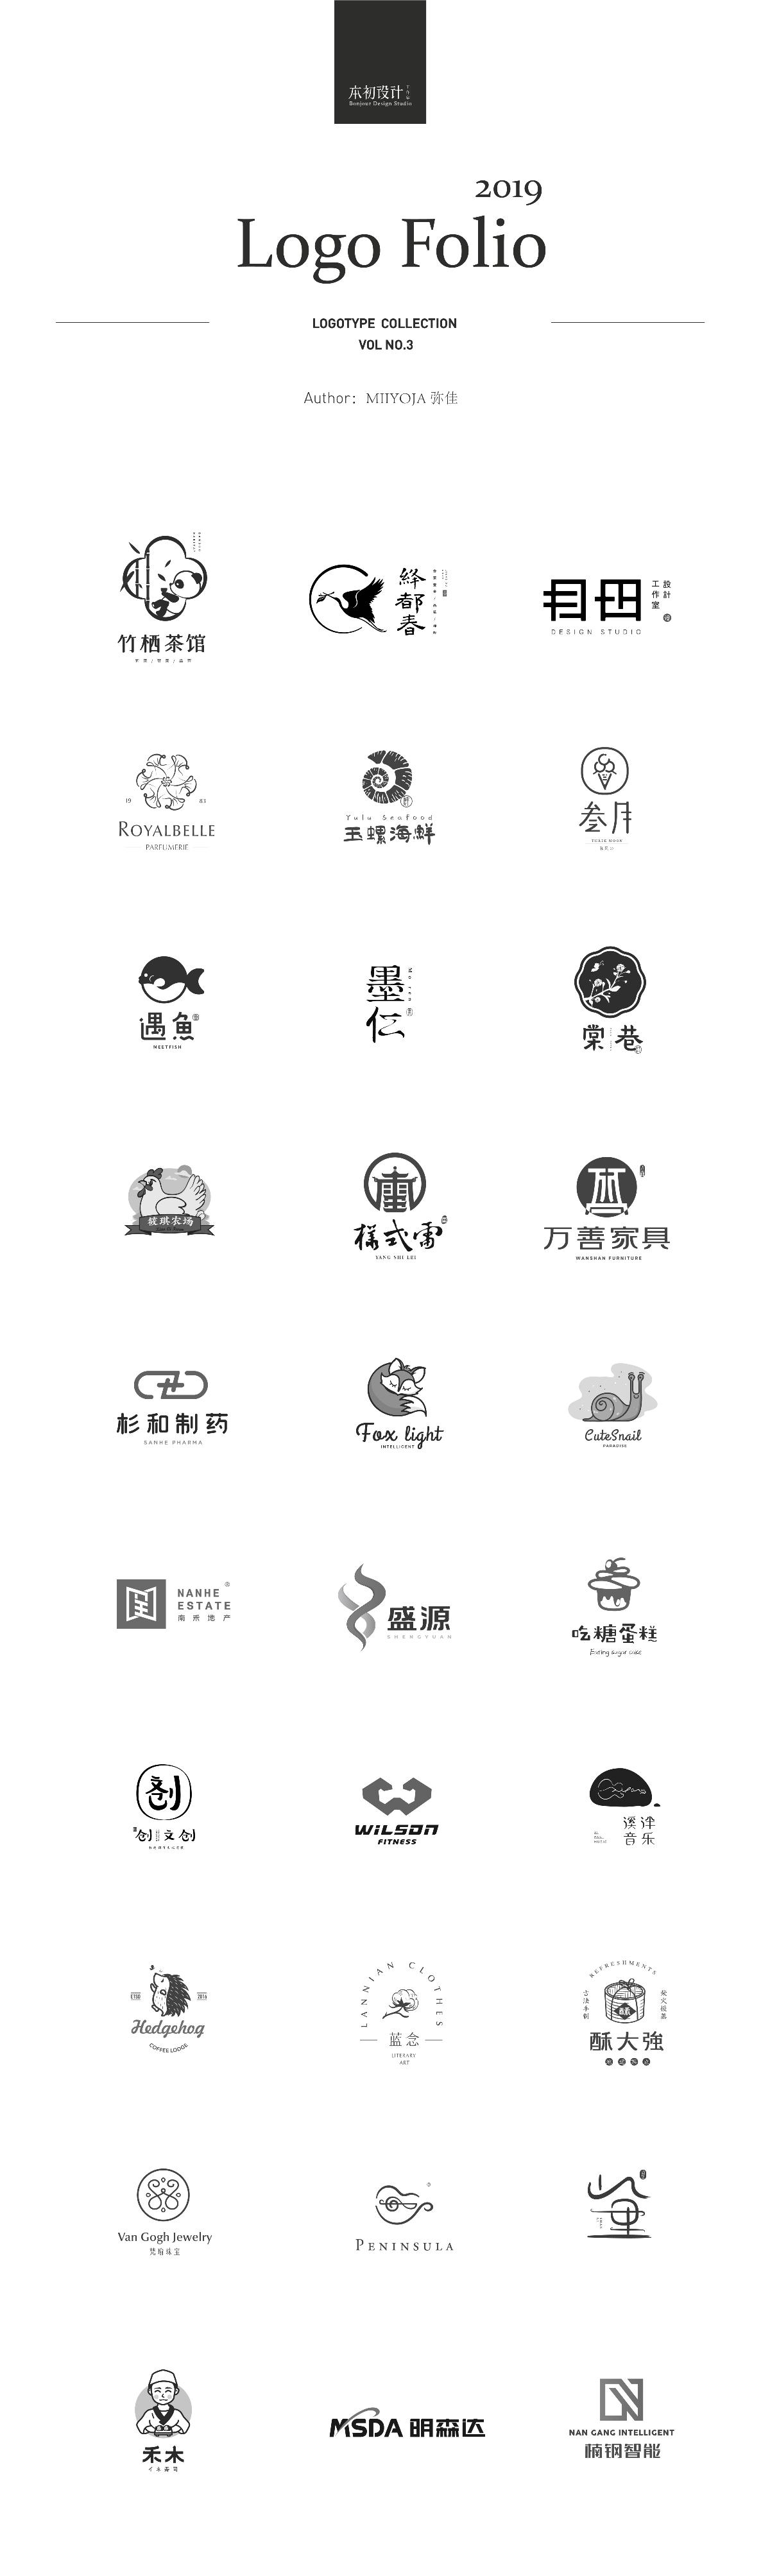 2019 本初设计logo小结